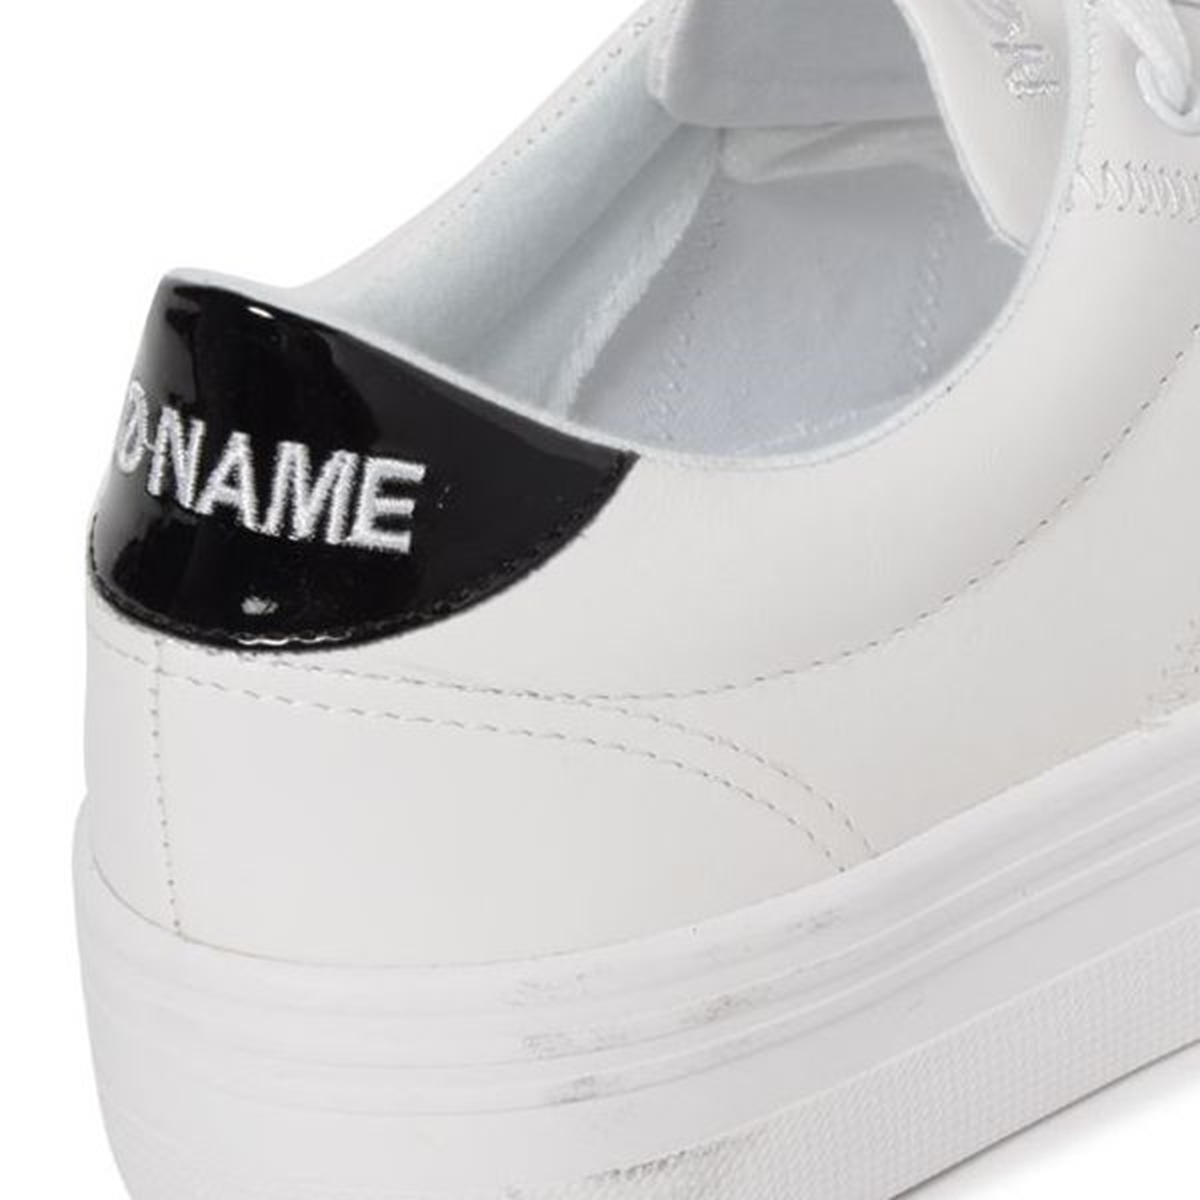 [新入荷][2020秋冬]NO NAME ノーネーム プラト ホワイト PLATO-02150